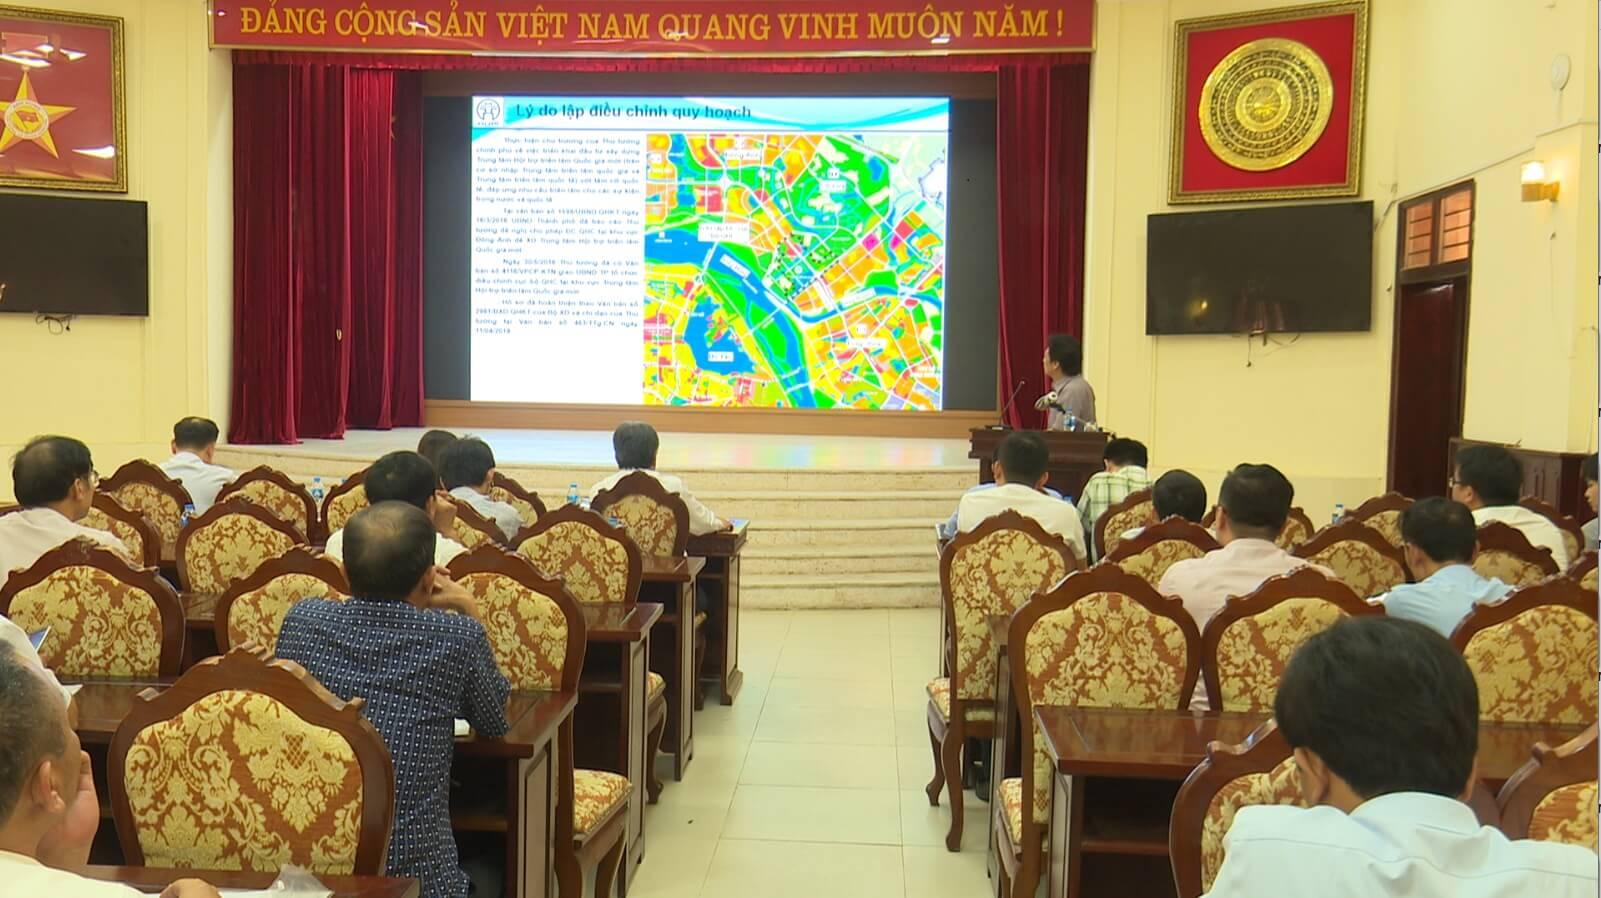 Buổi lễ công bố các thông tin về quy hoạch, chỉnh trang của khu trung tâm hội chợ triển lãm quốc gia.